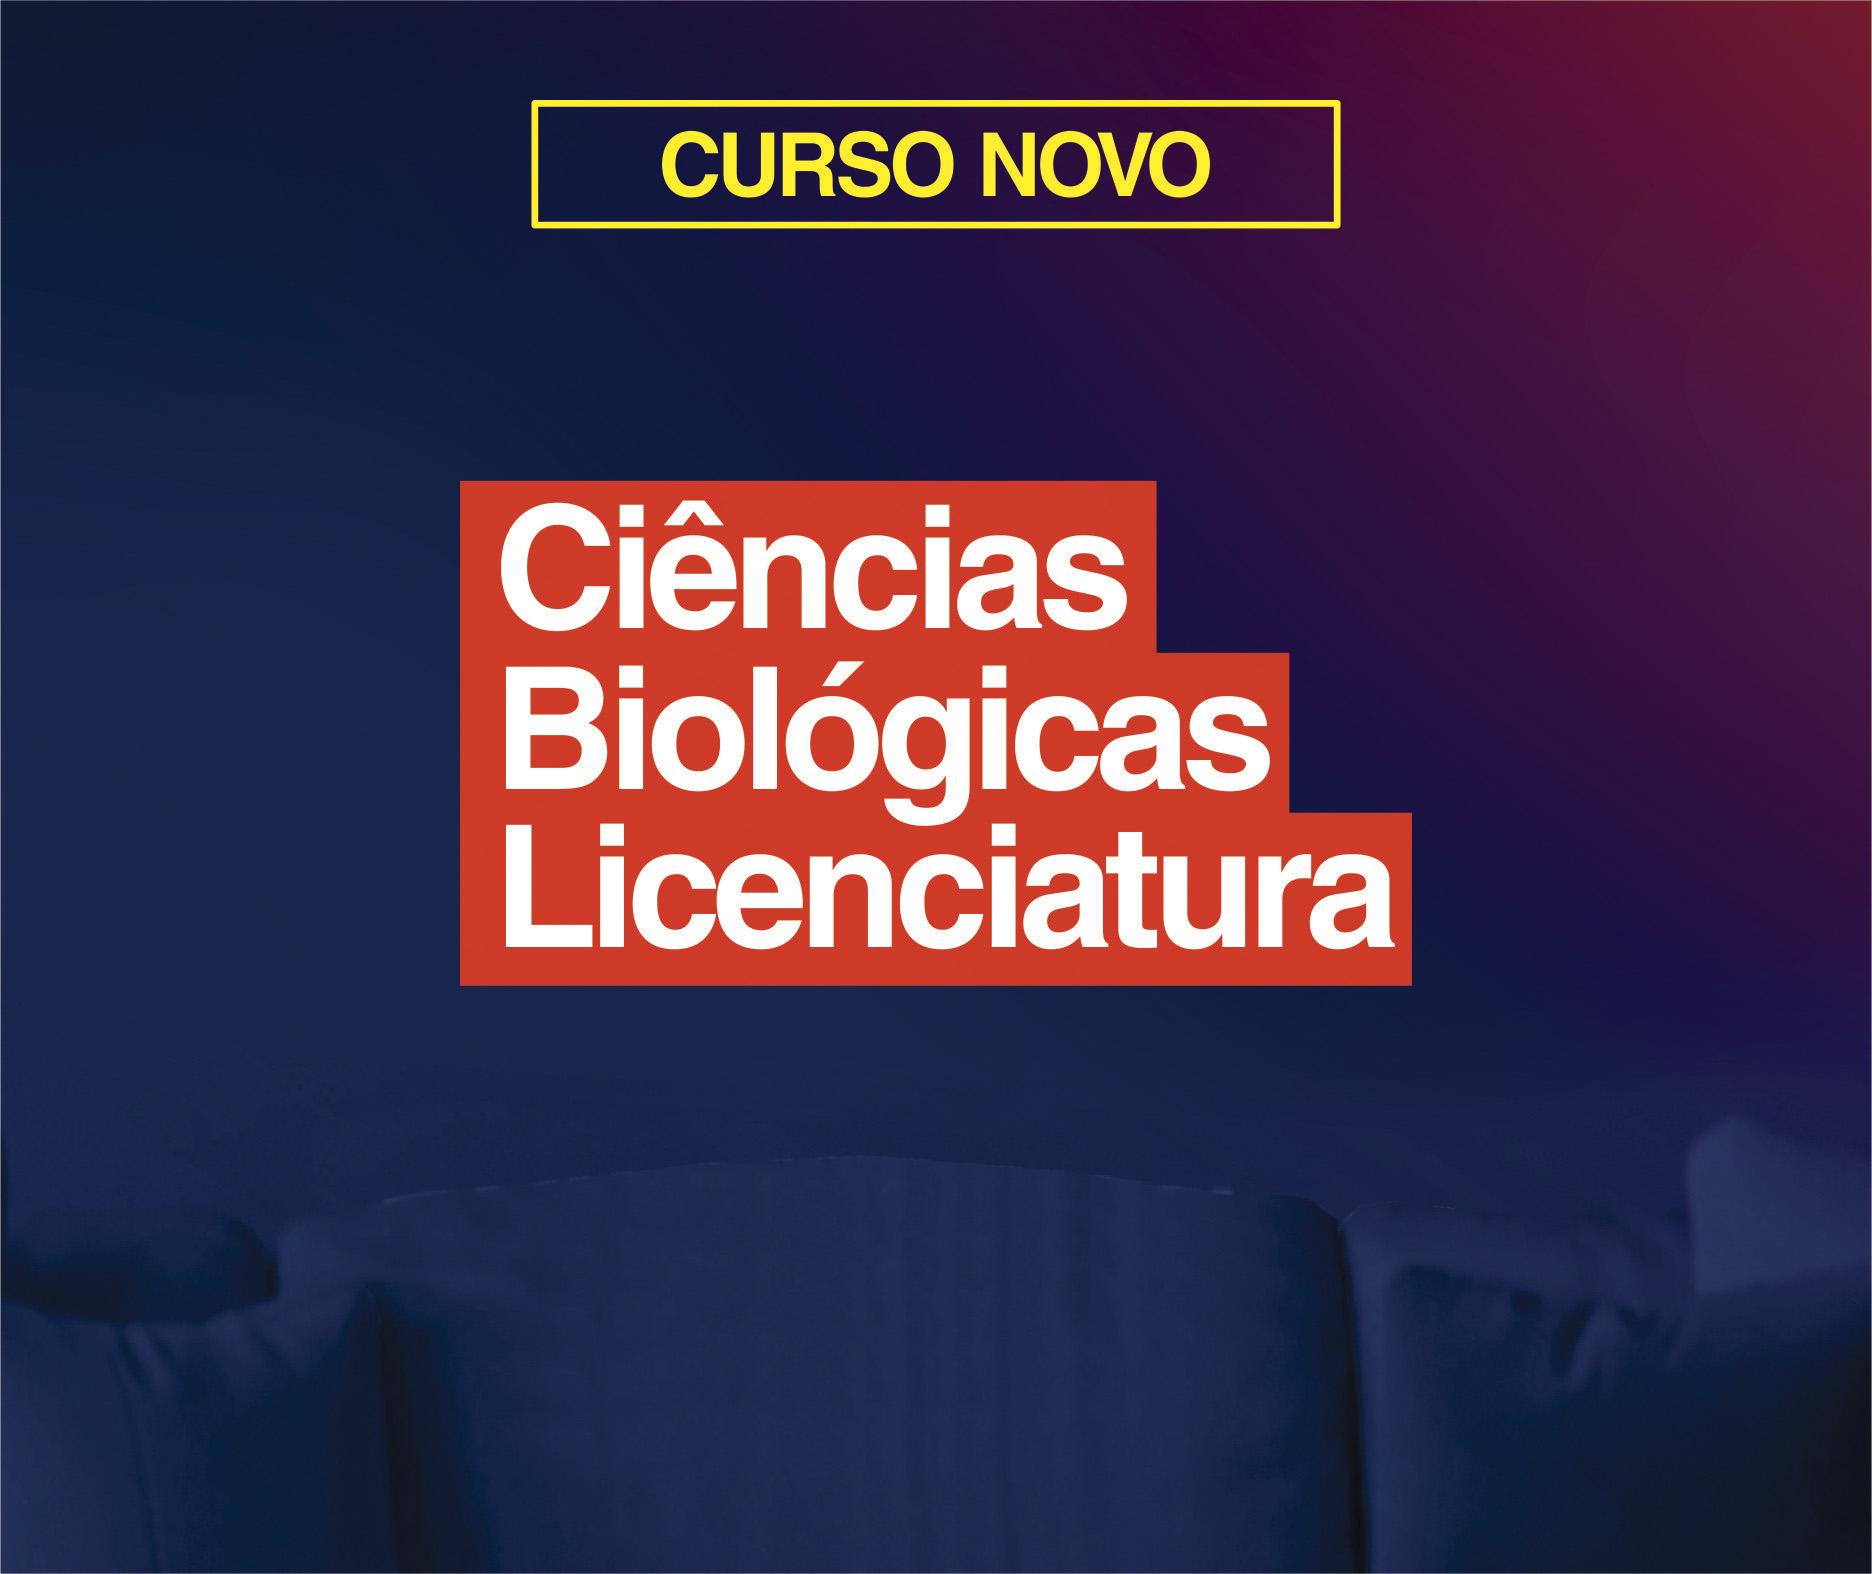 Ciencias biologicas licenciatura